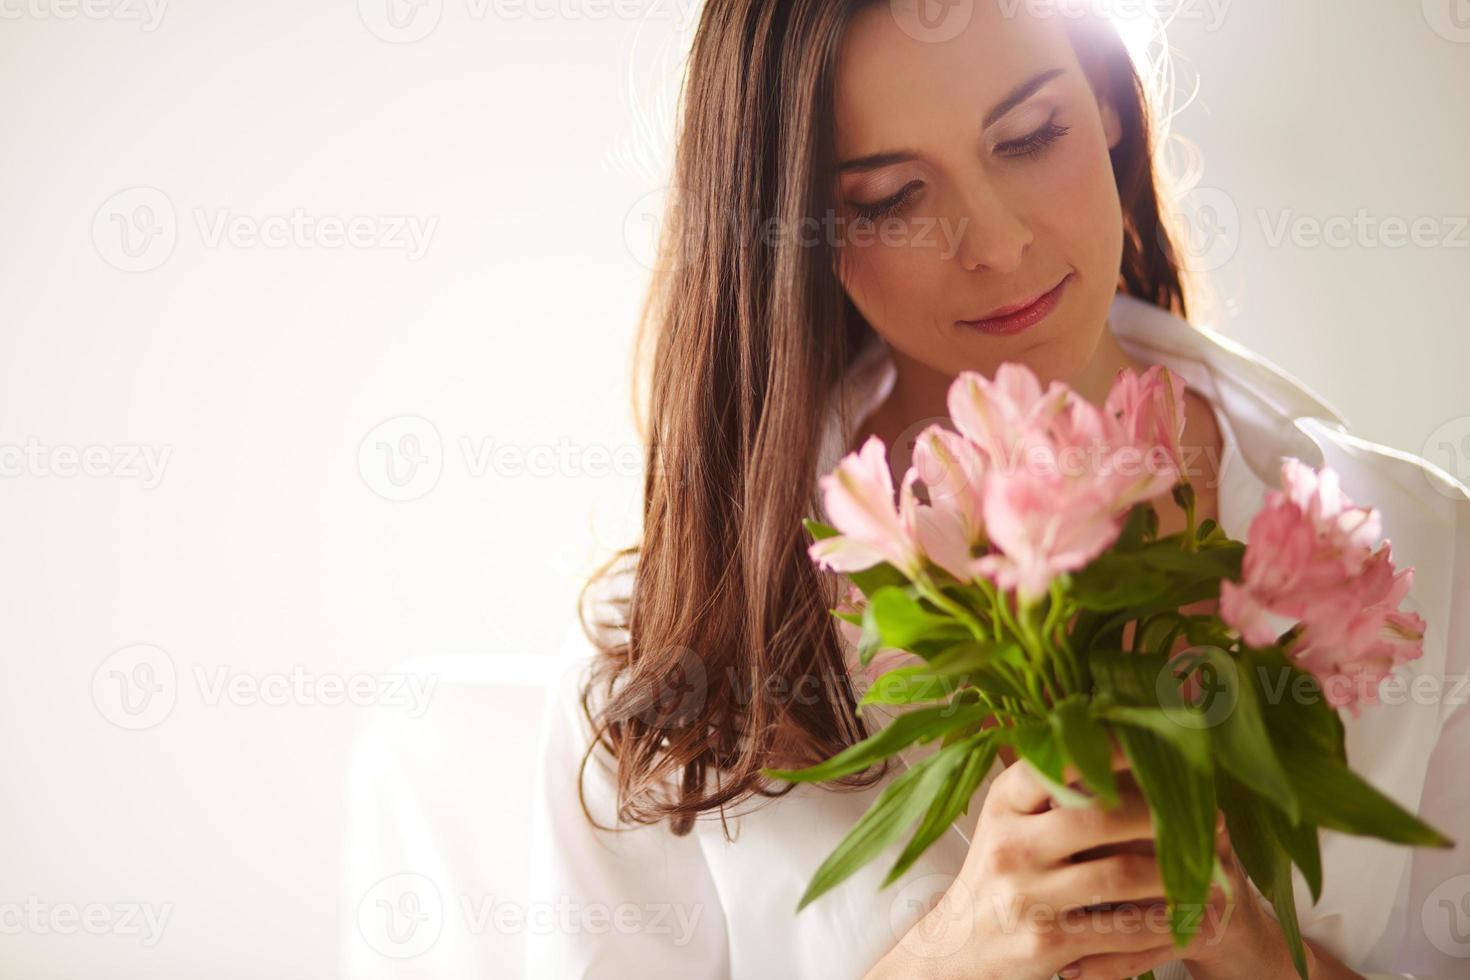 femelle à fleurs roses photo